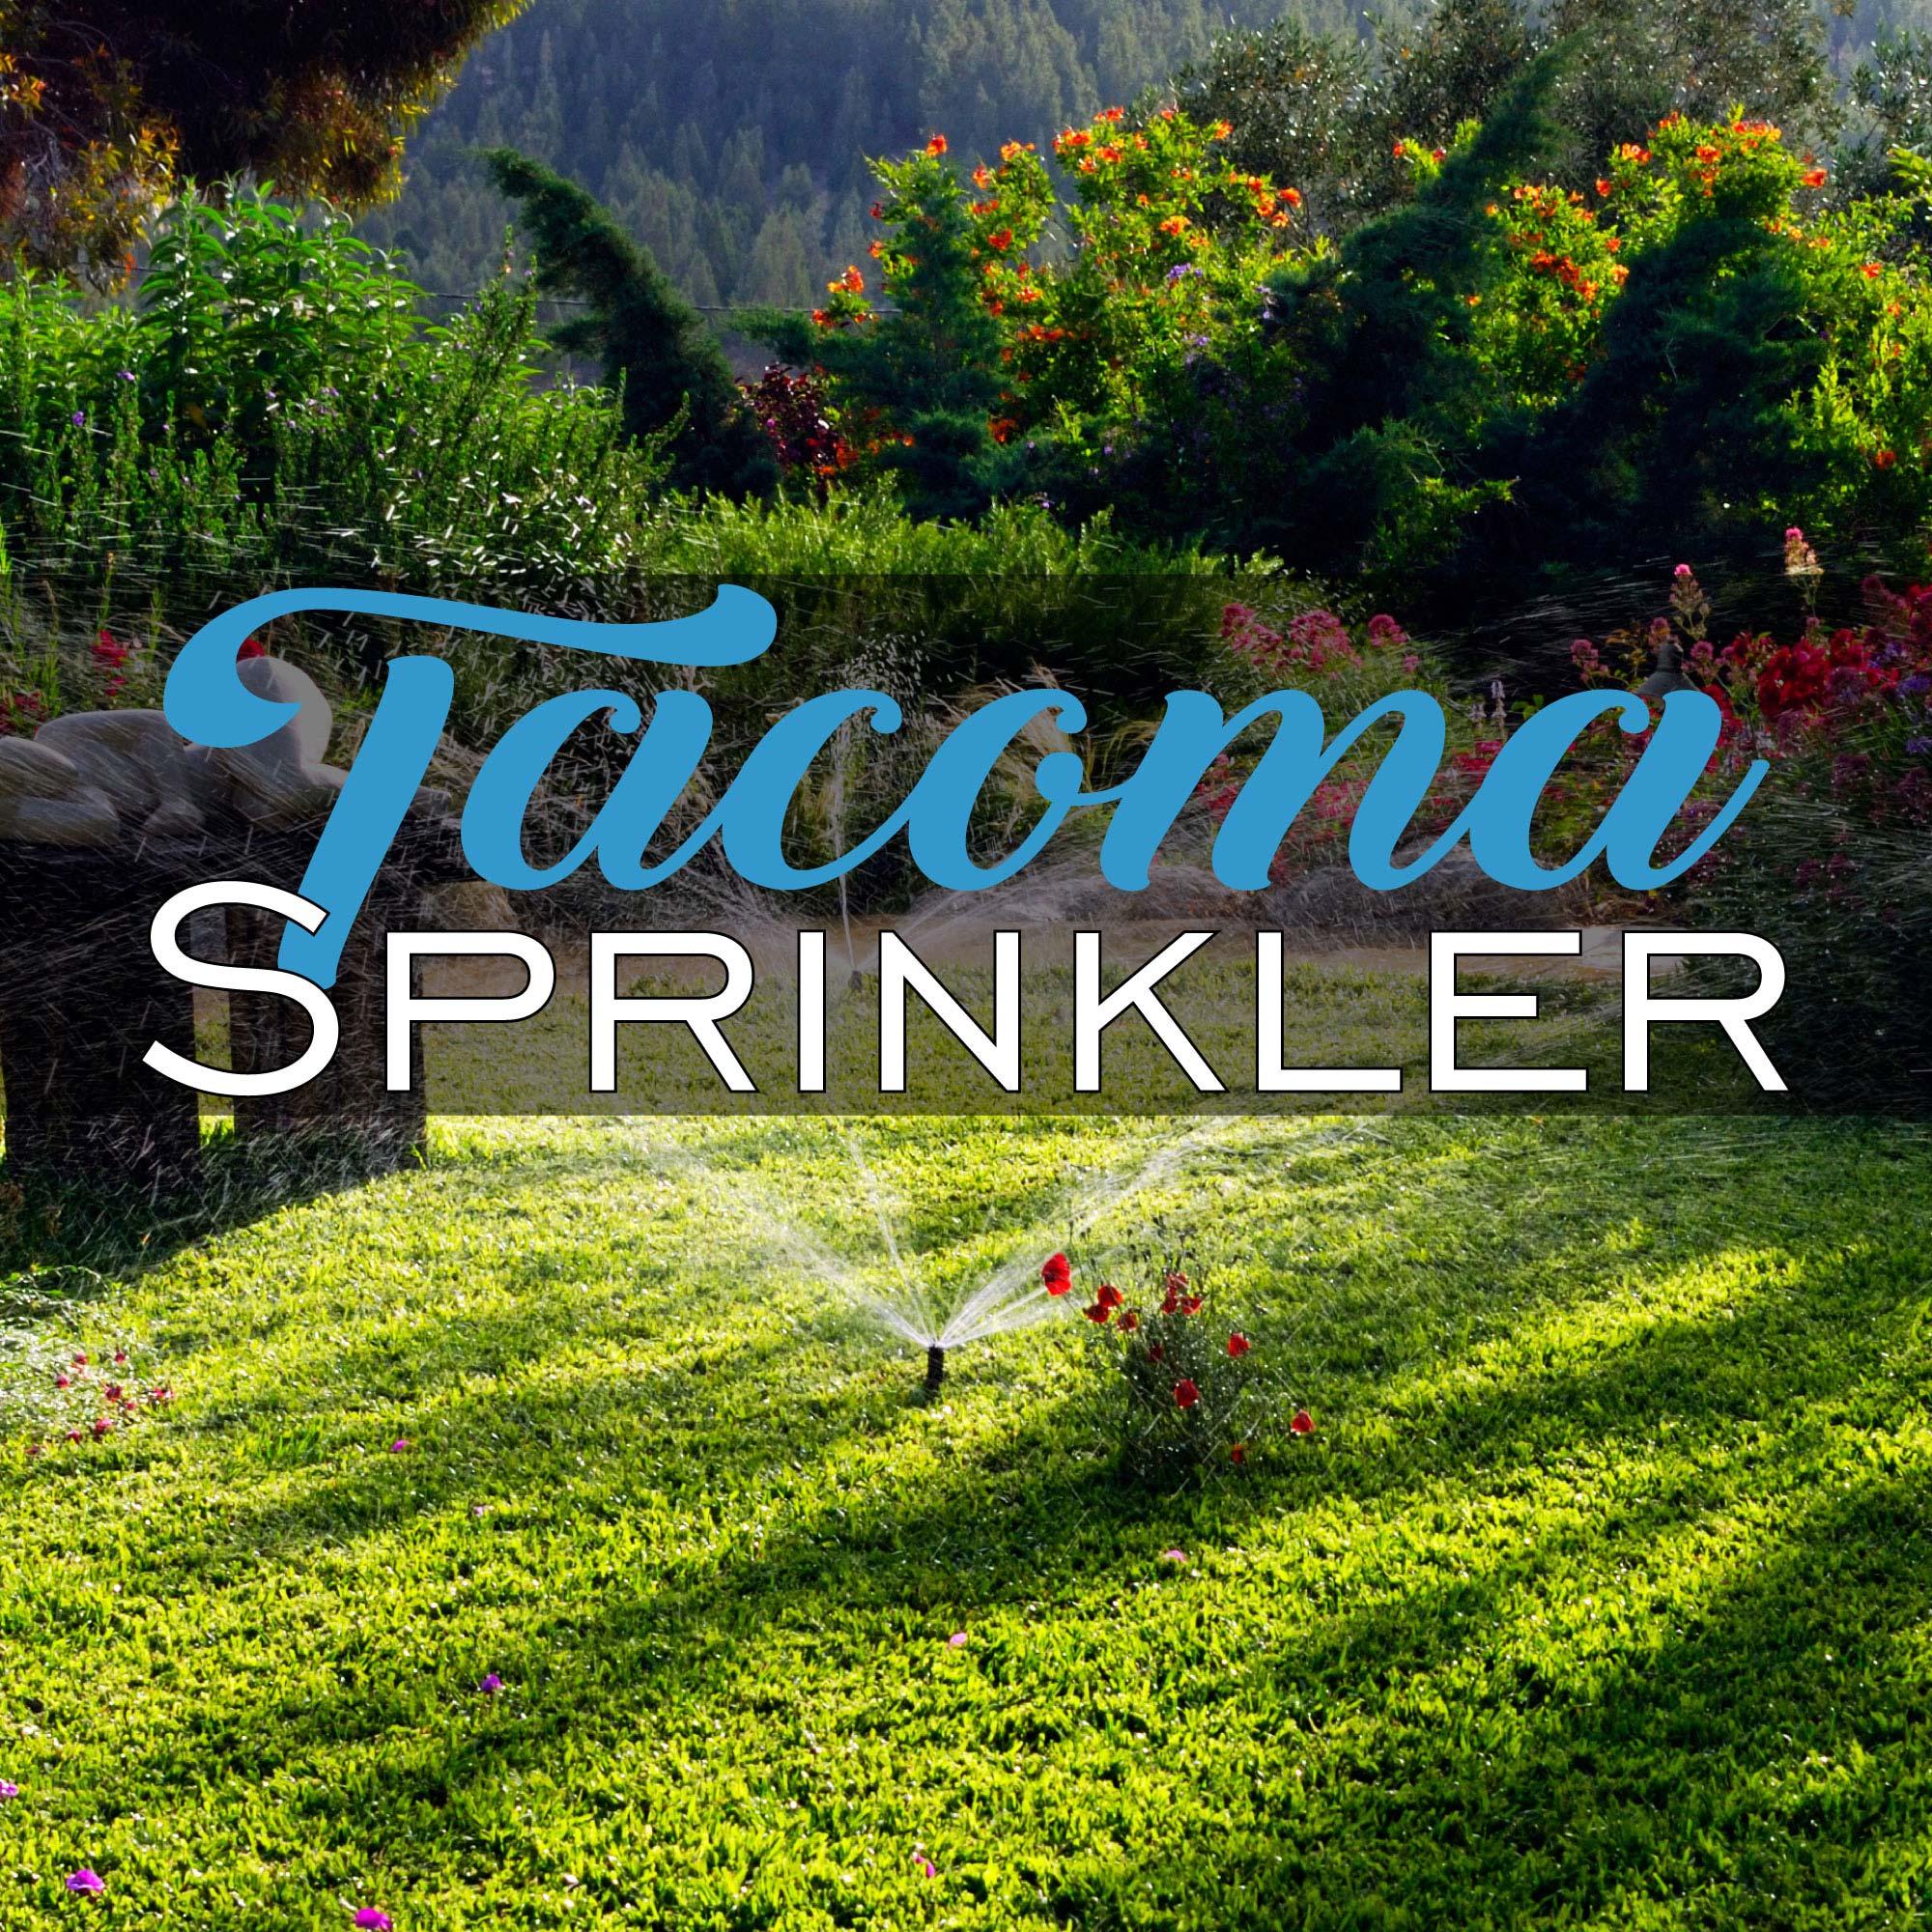 Tacoma-Sprinkler-Logo.jpg